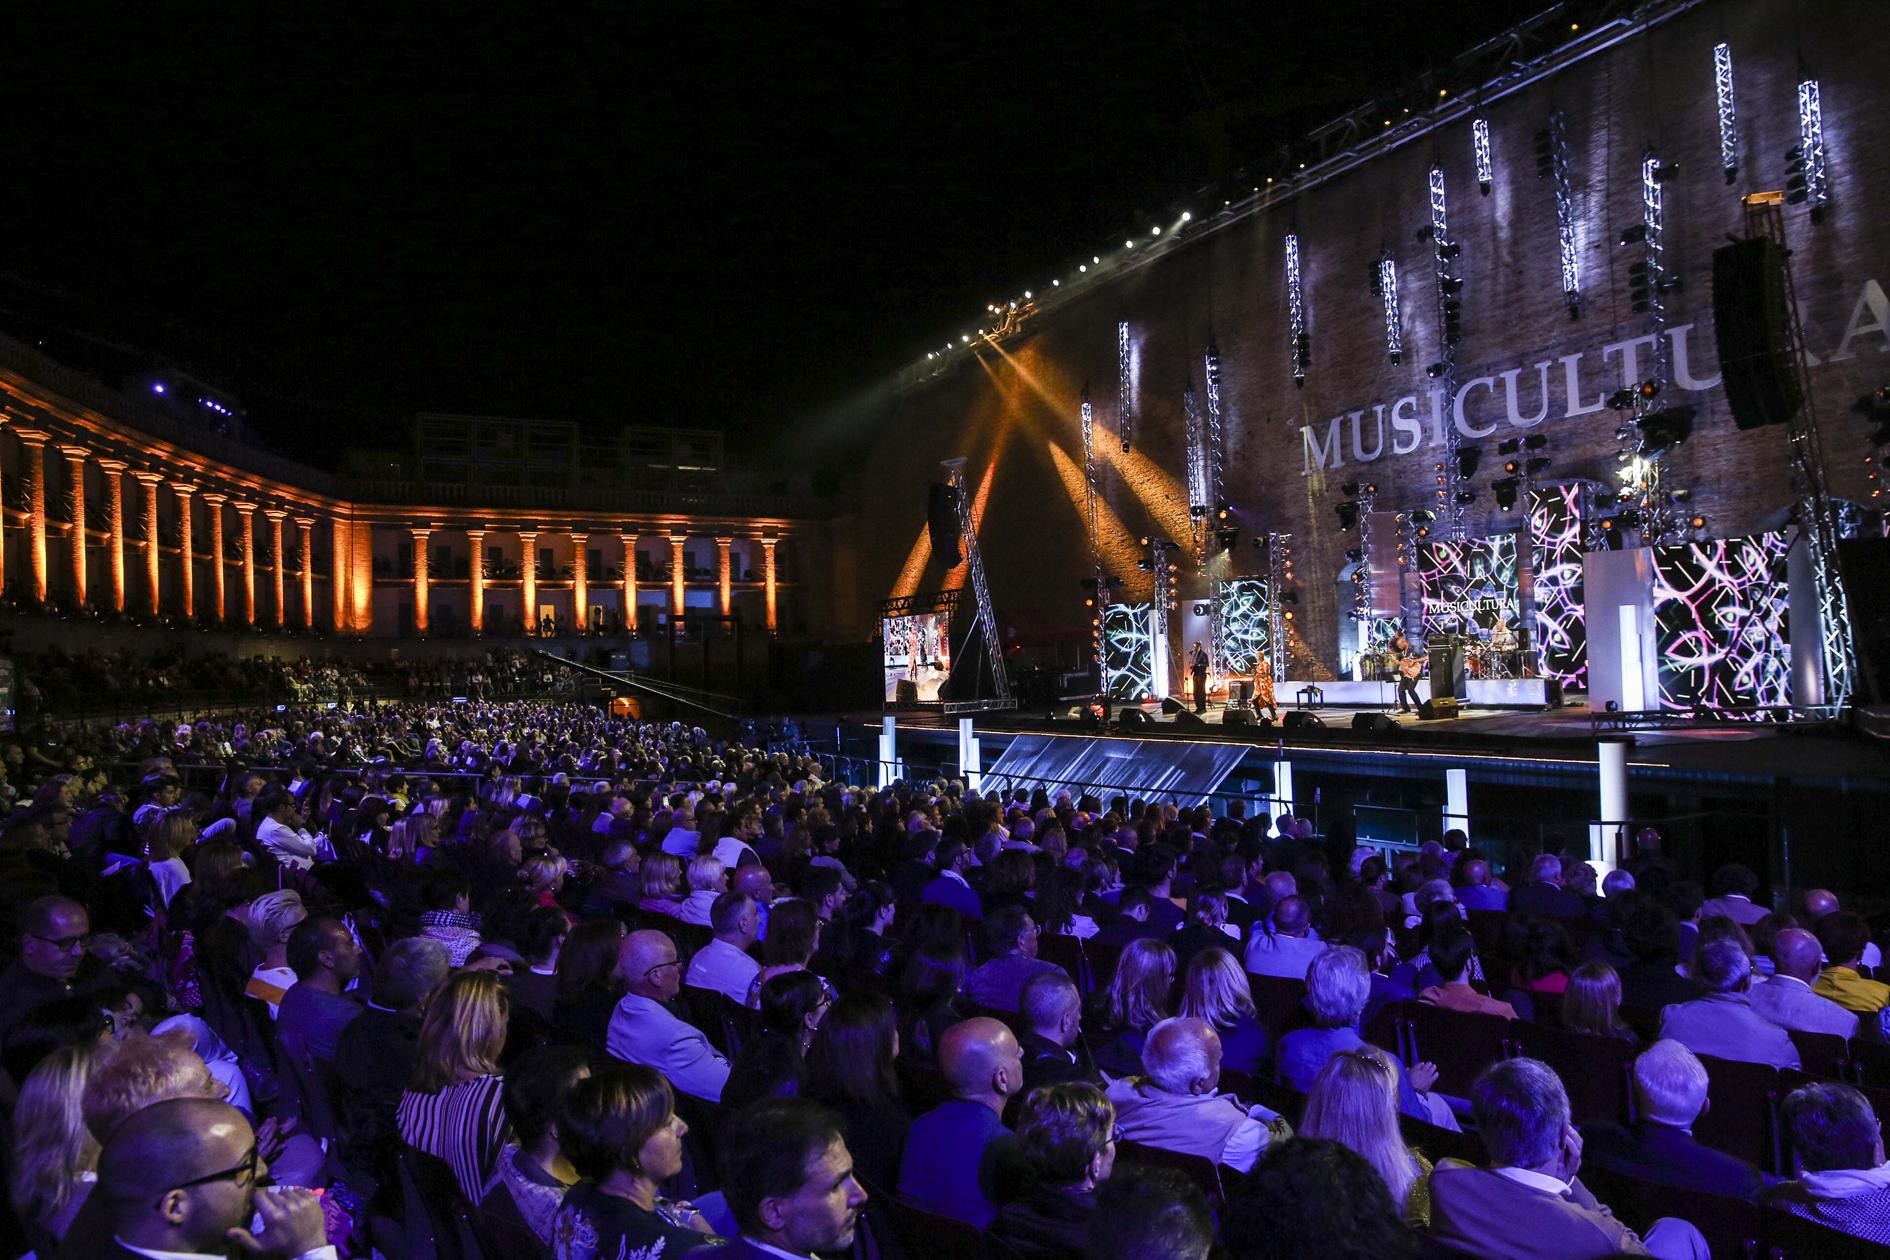 Musicultura, il Festival trasmesso su Rai 3 e Rai Italia